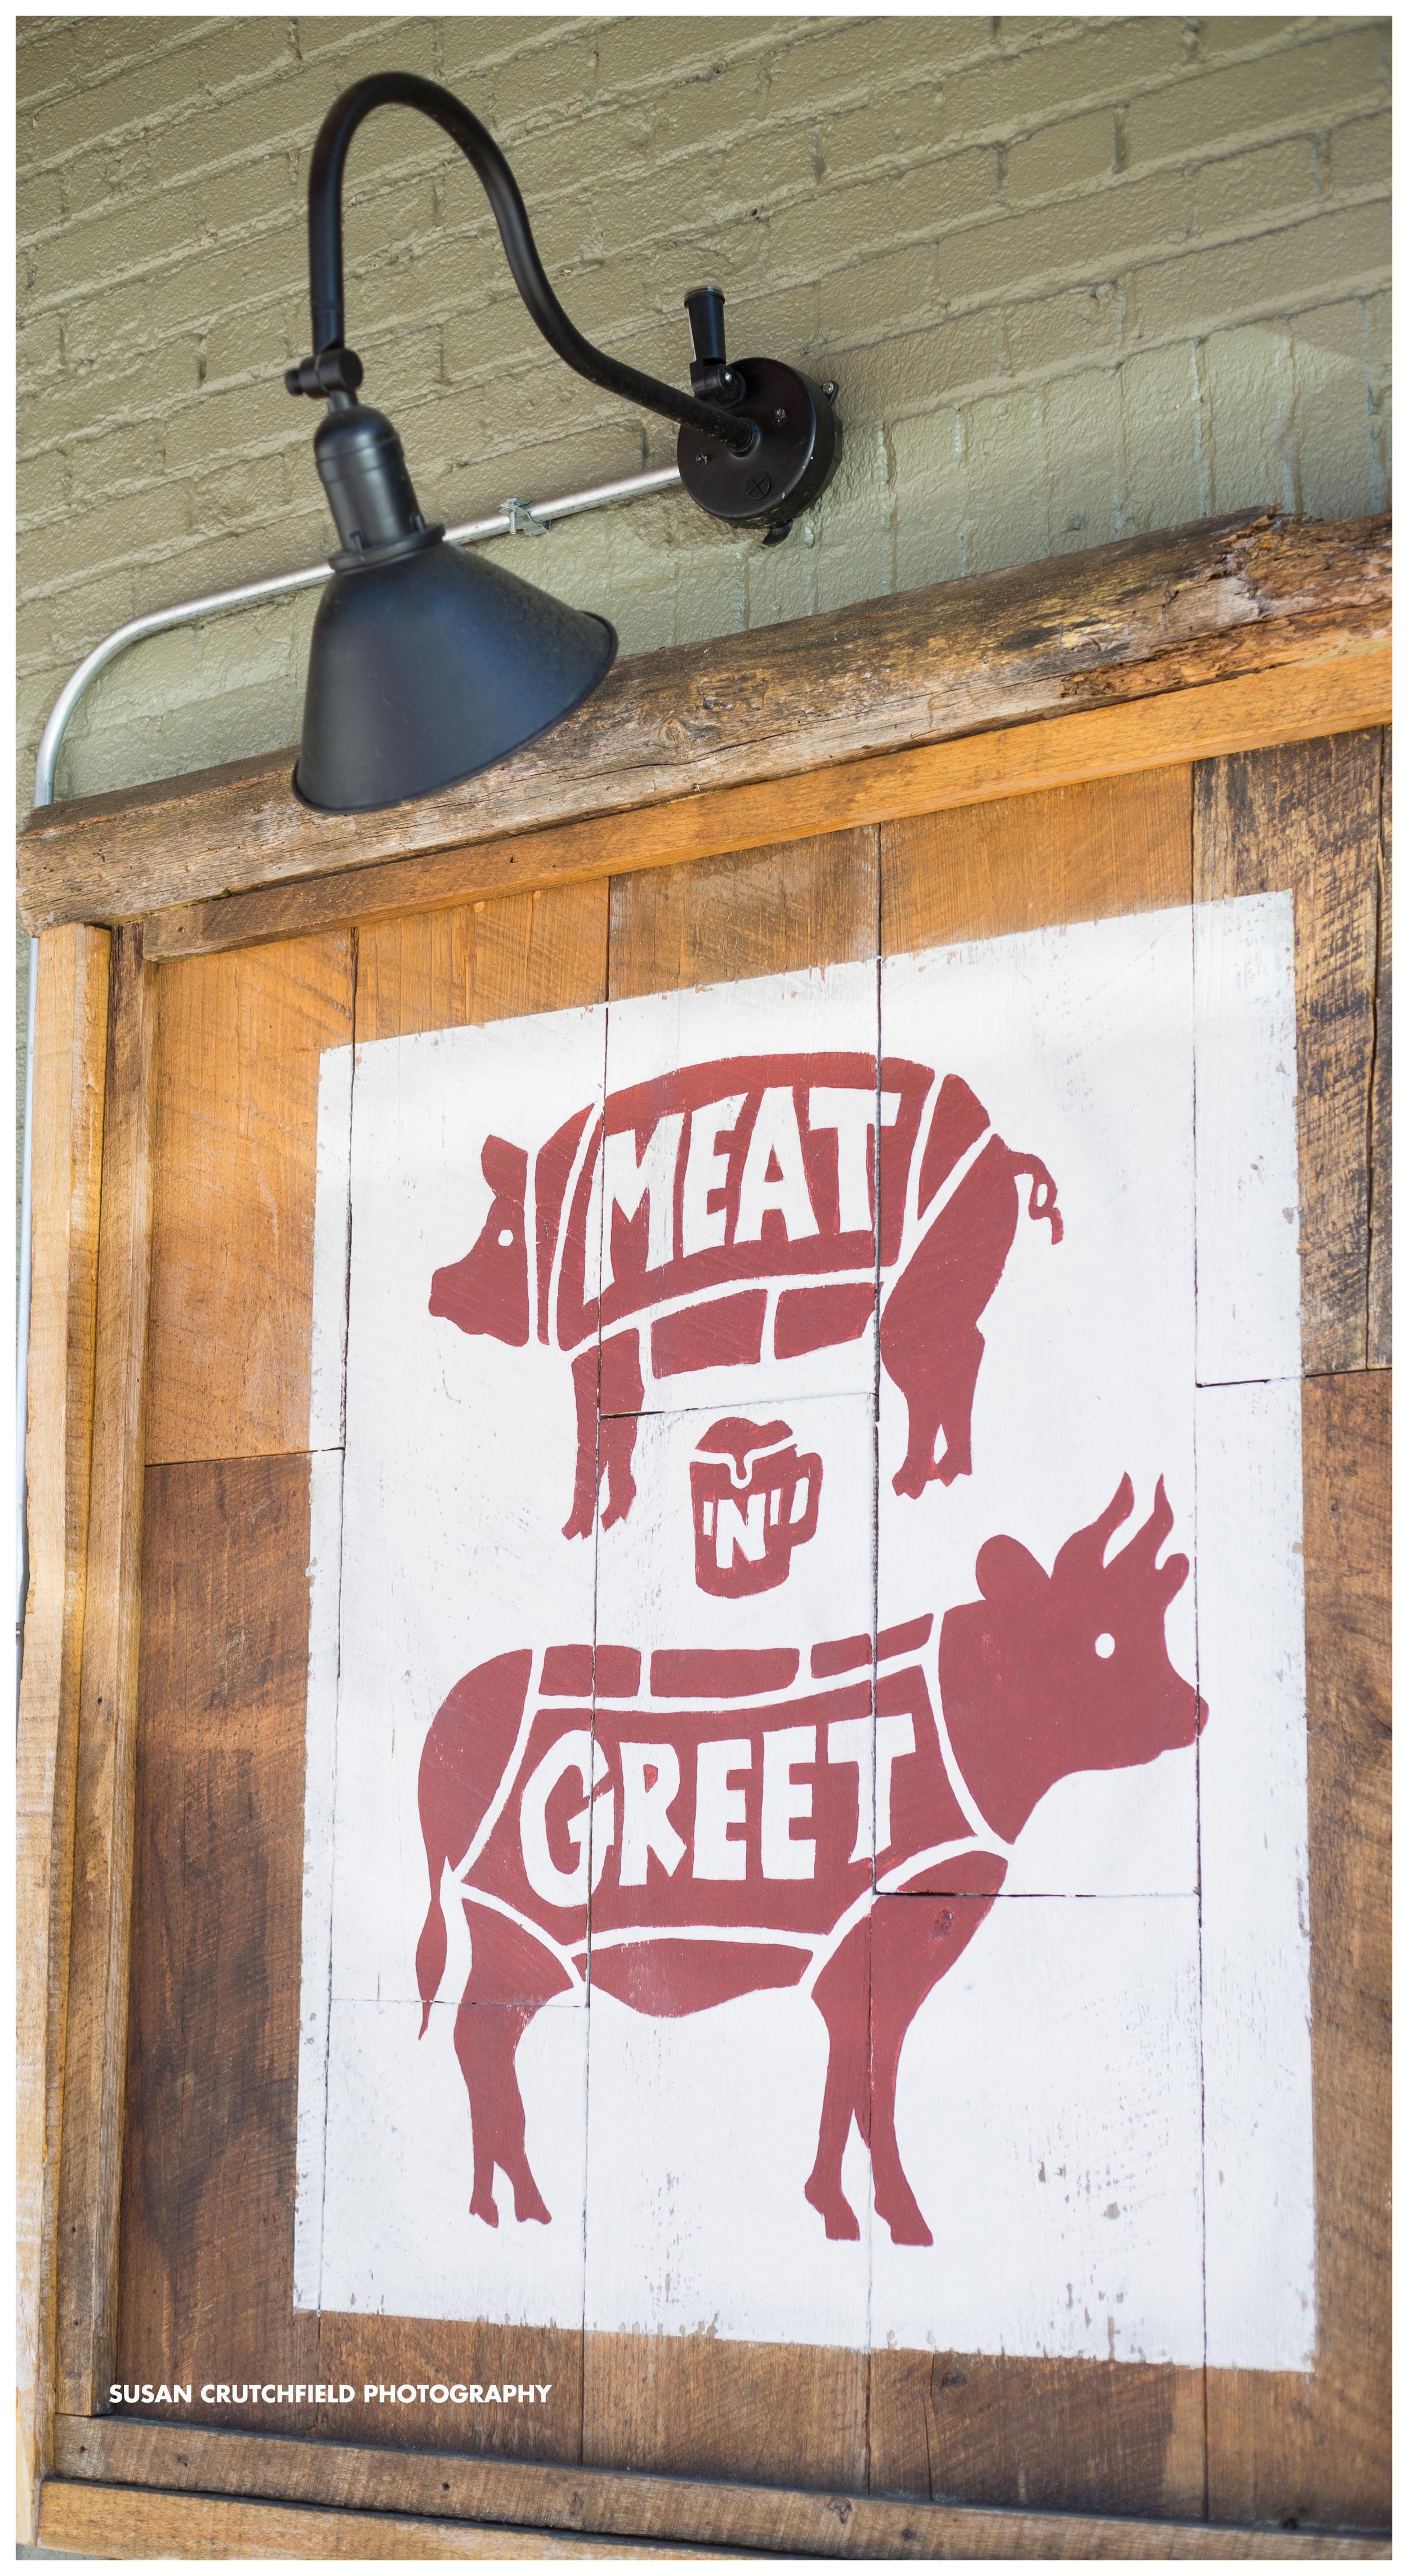 Dining in Coweta County, Georgia